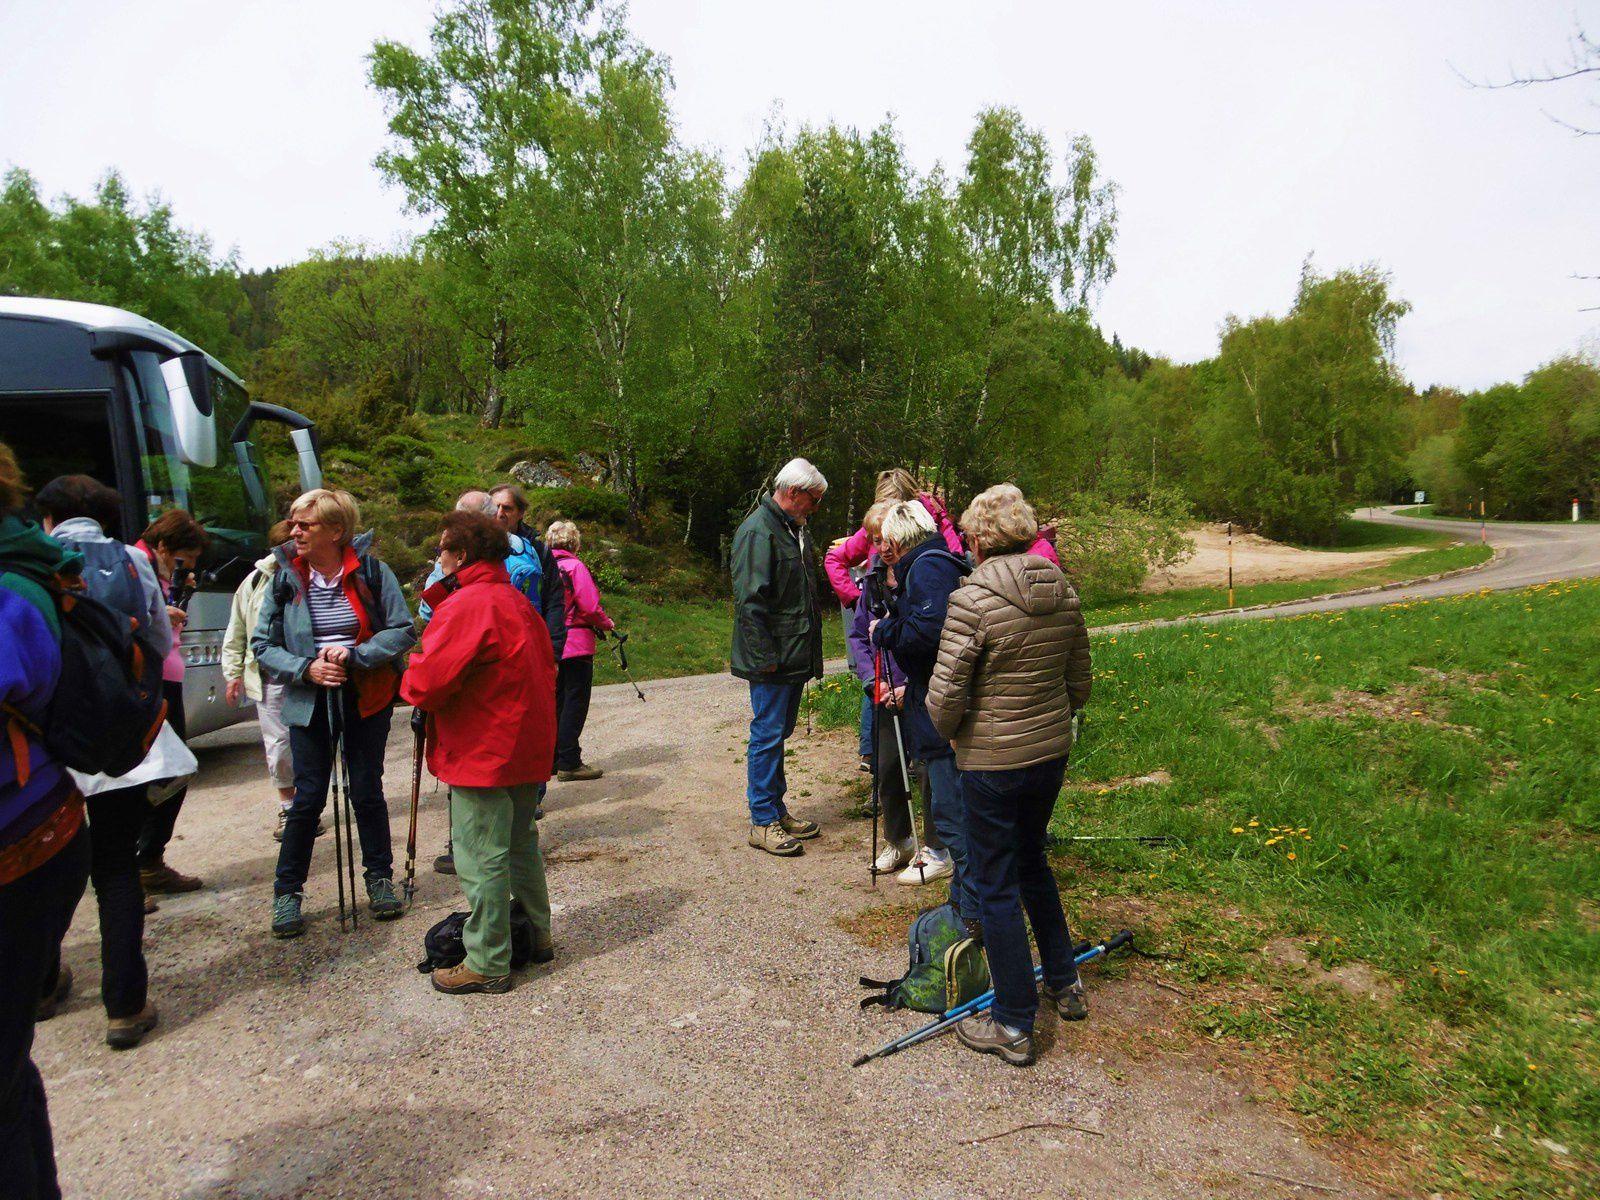 Sortie séniors, c'était le mercredi 2 mai 2018, du Gaschney à Ampfersbach.